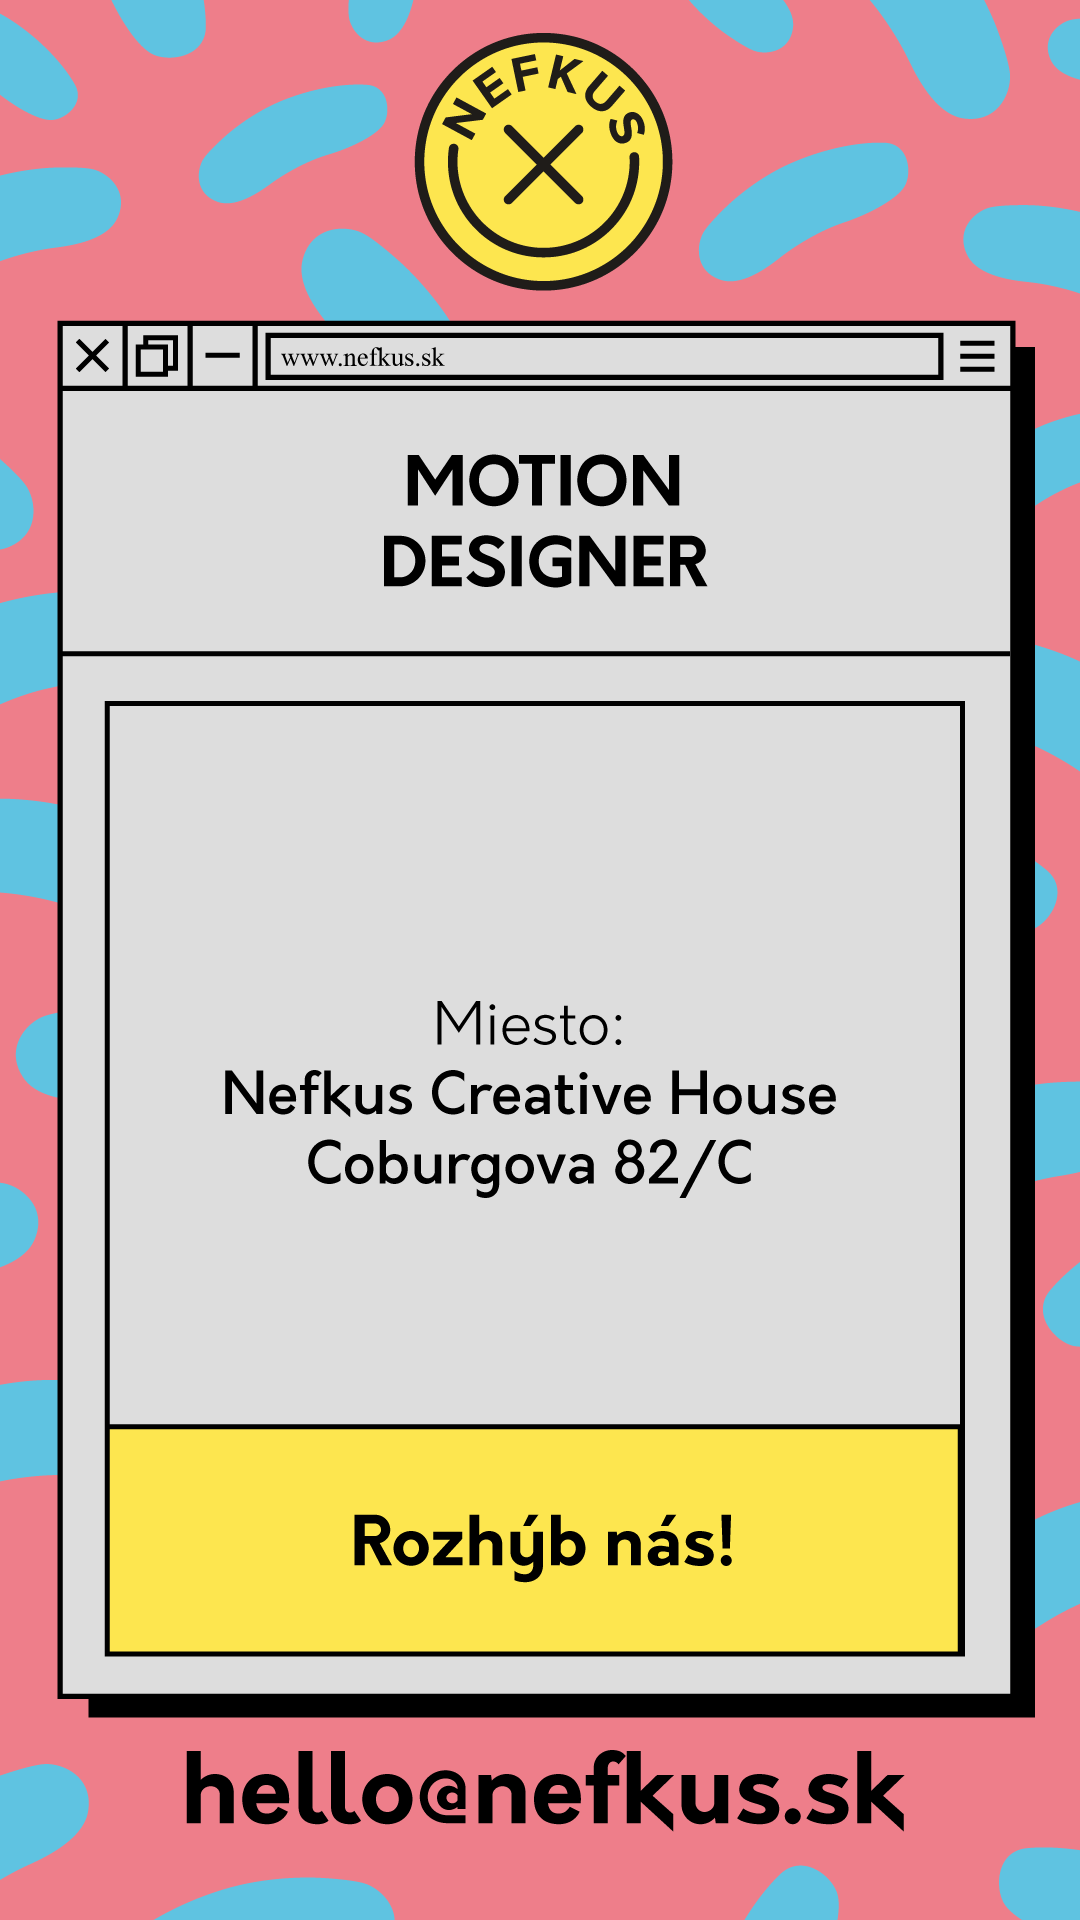 Pracovná ponuka na motion dizajnéra